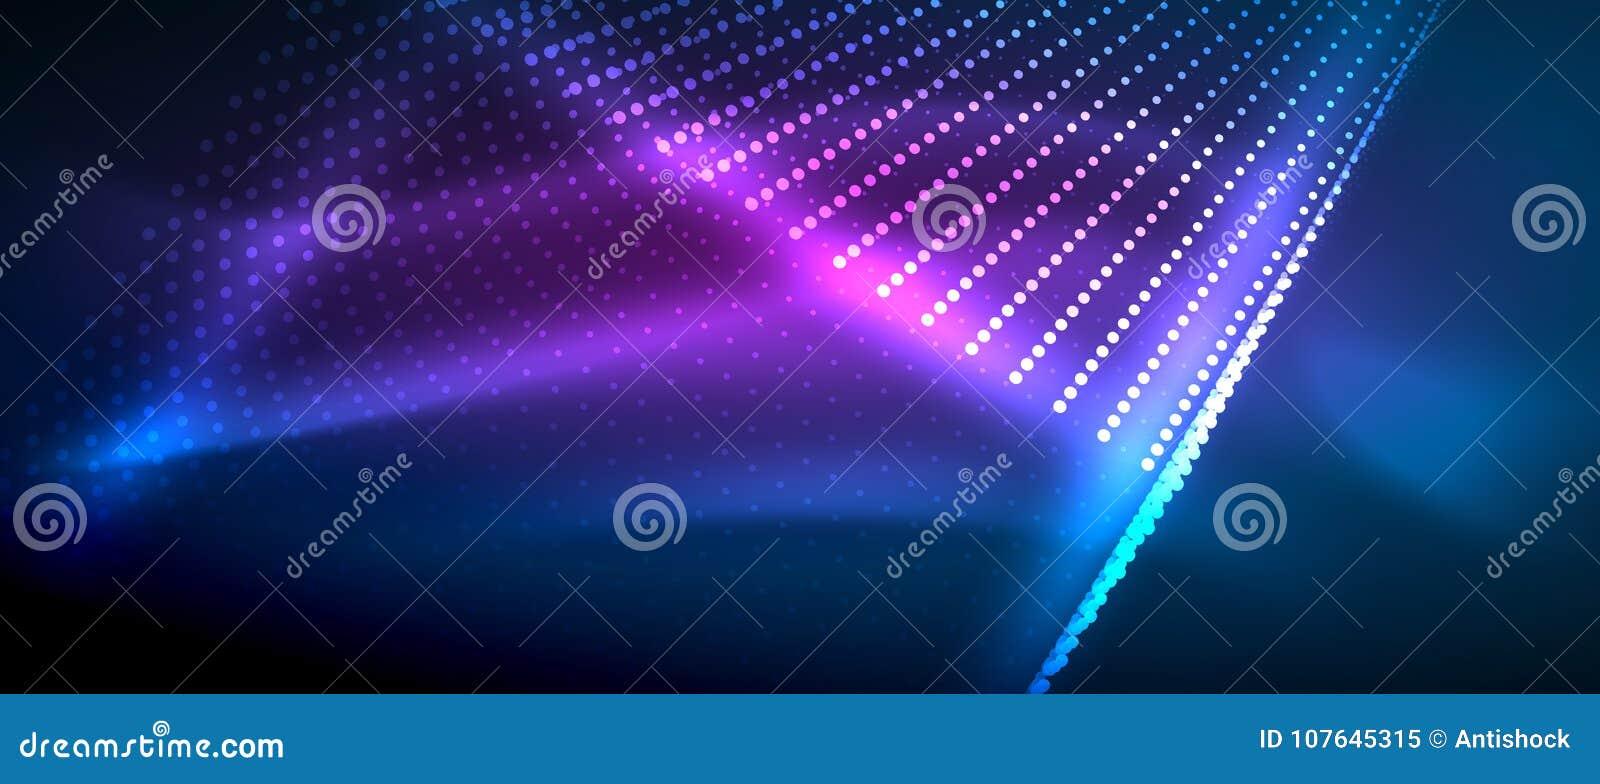 Ljusa effekter för neon, partiklar